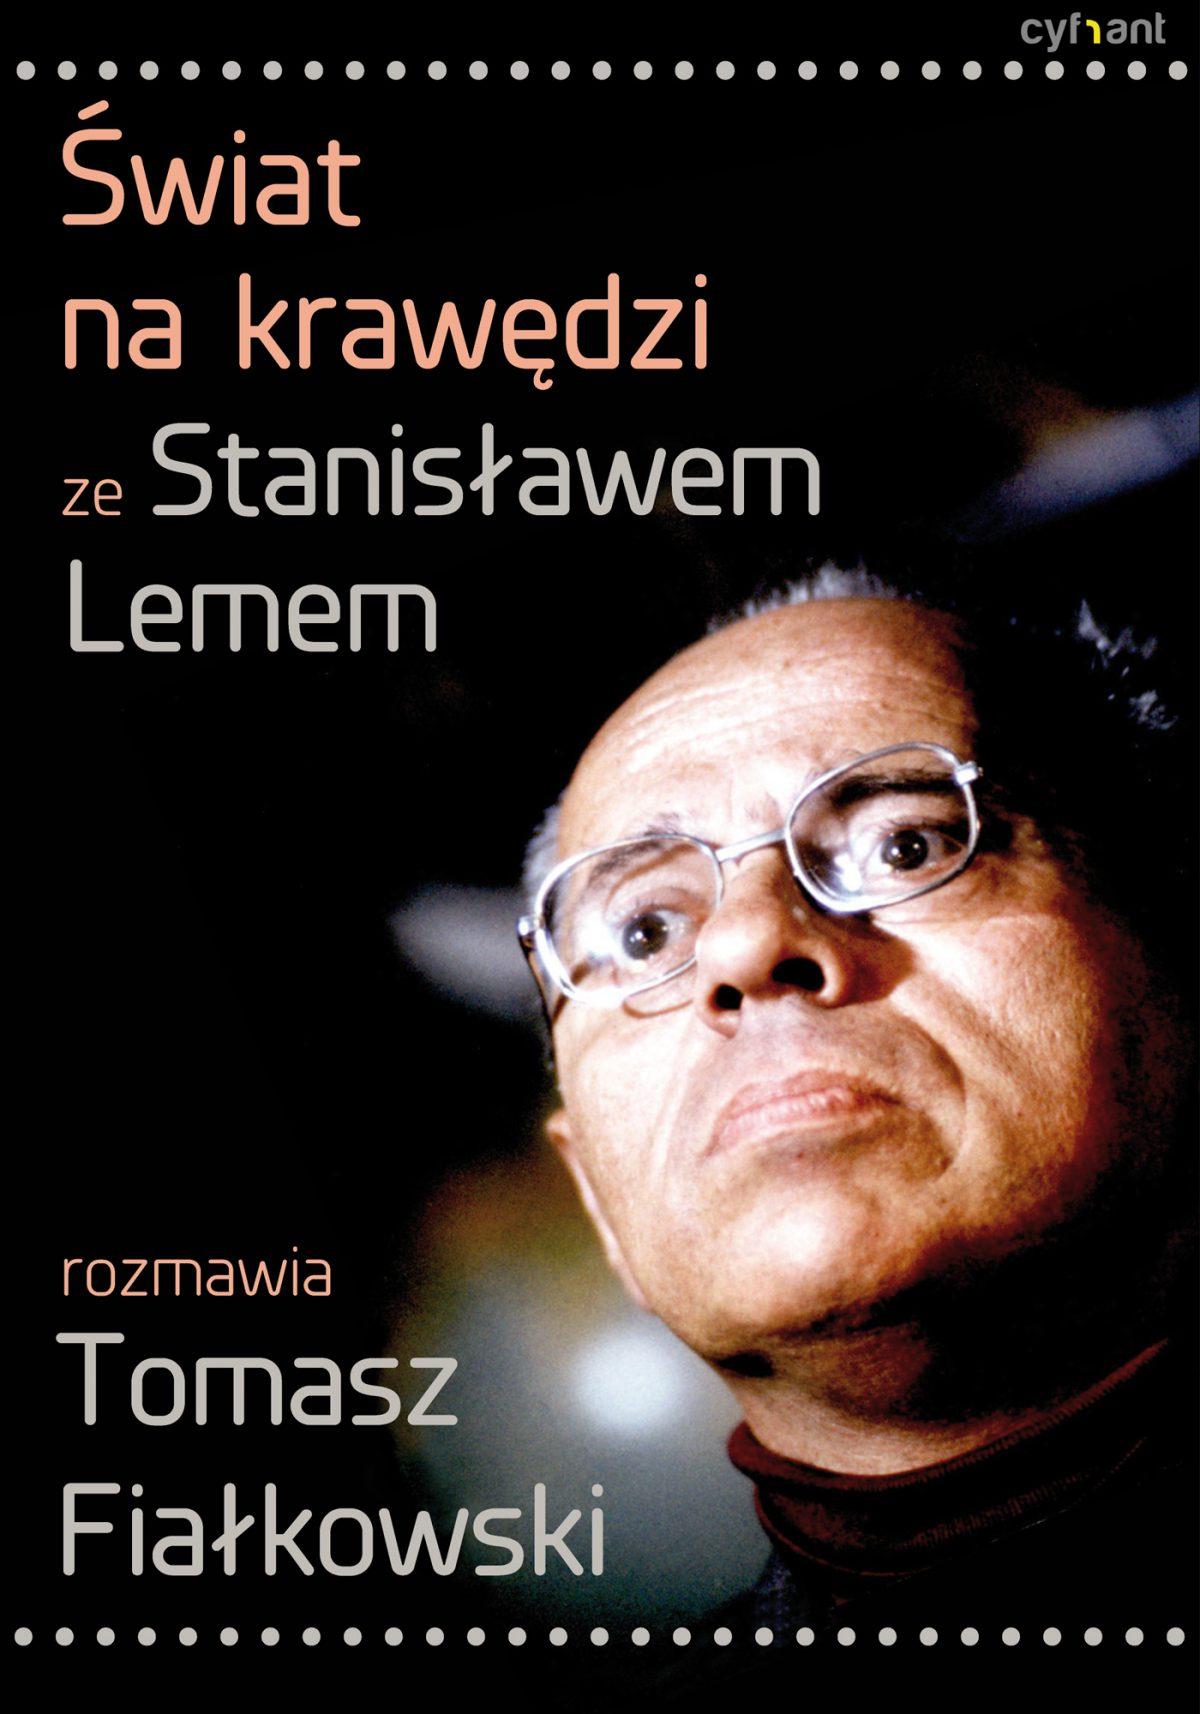 Świat na krawędzi. Ze Stanisławem Lemem rozmawia Tomasz Fiałkowski - Ebook (Książka EPUB) do pobrania w formacie EPUB